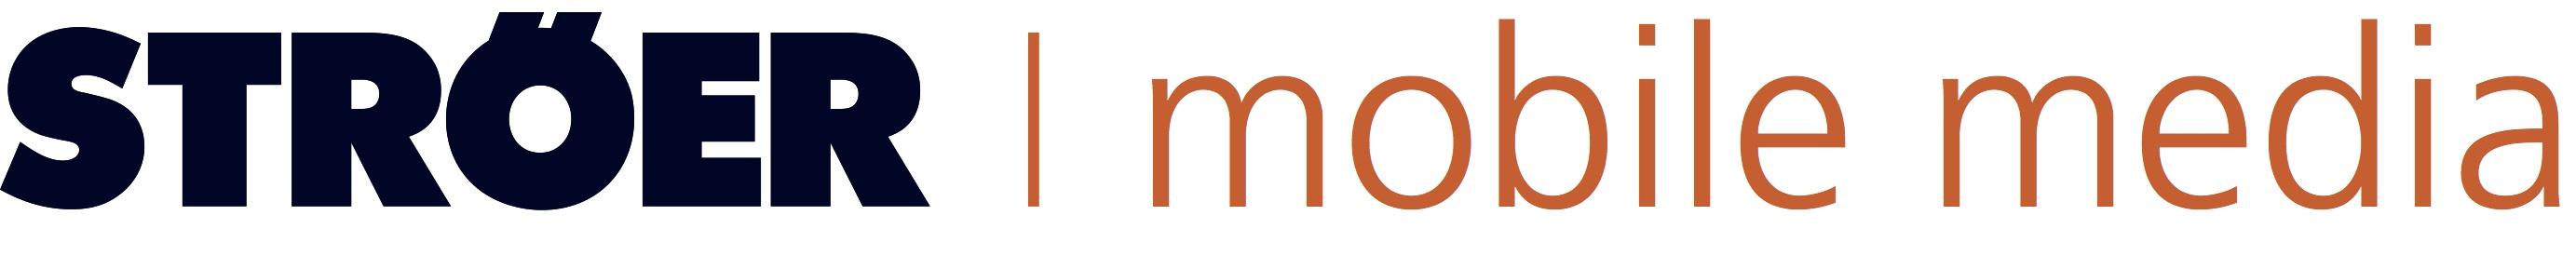 STROEER-MOBILE_MEDIA-cmyk